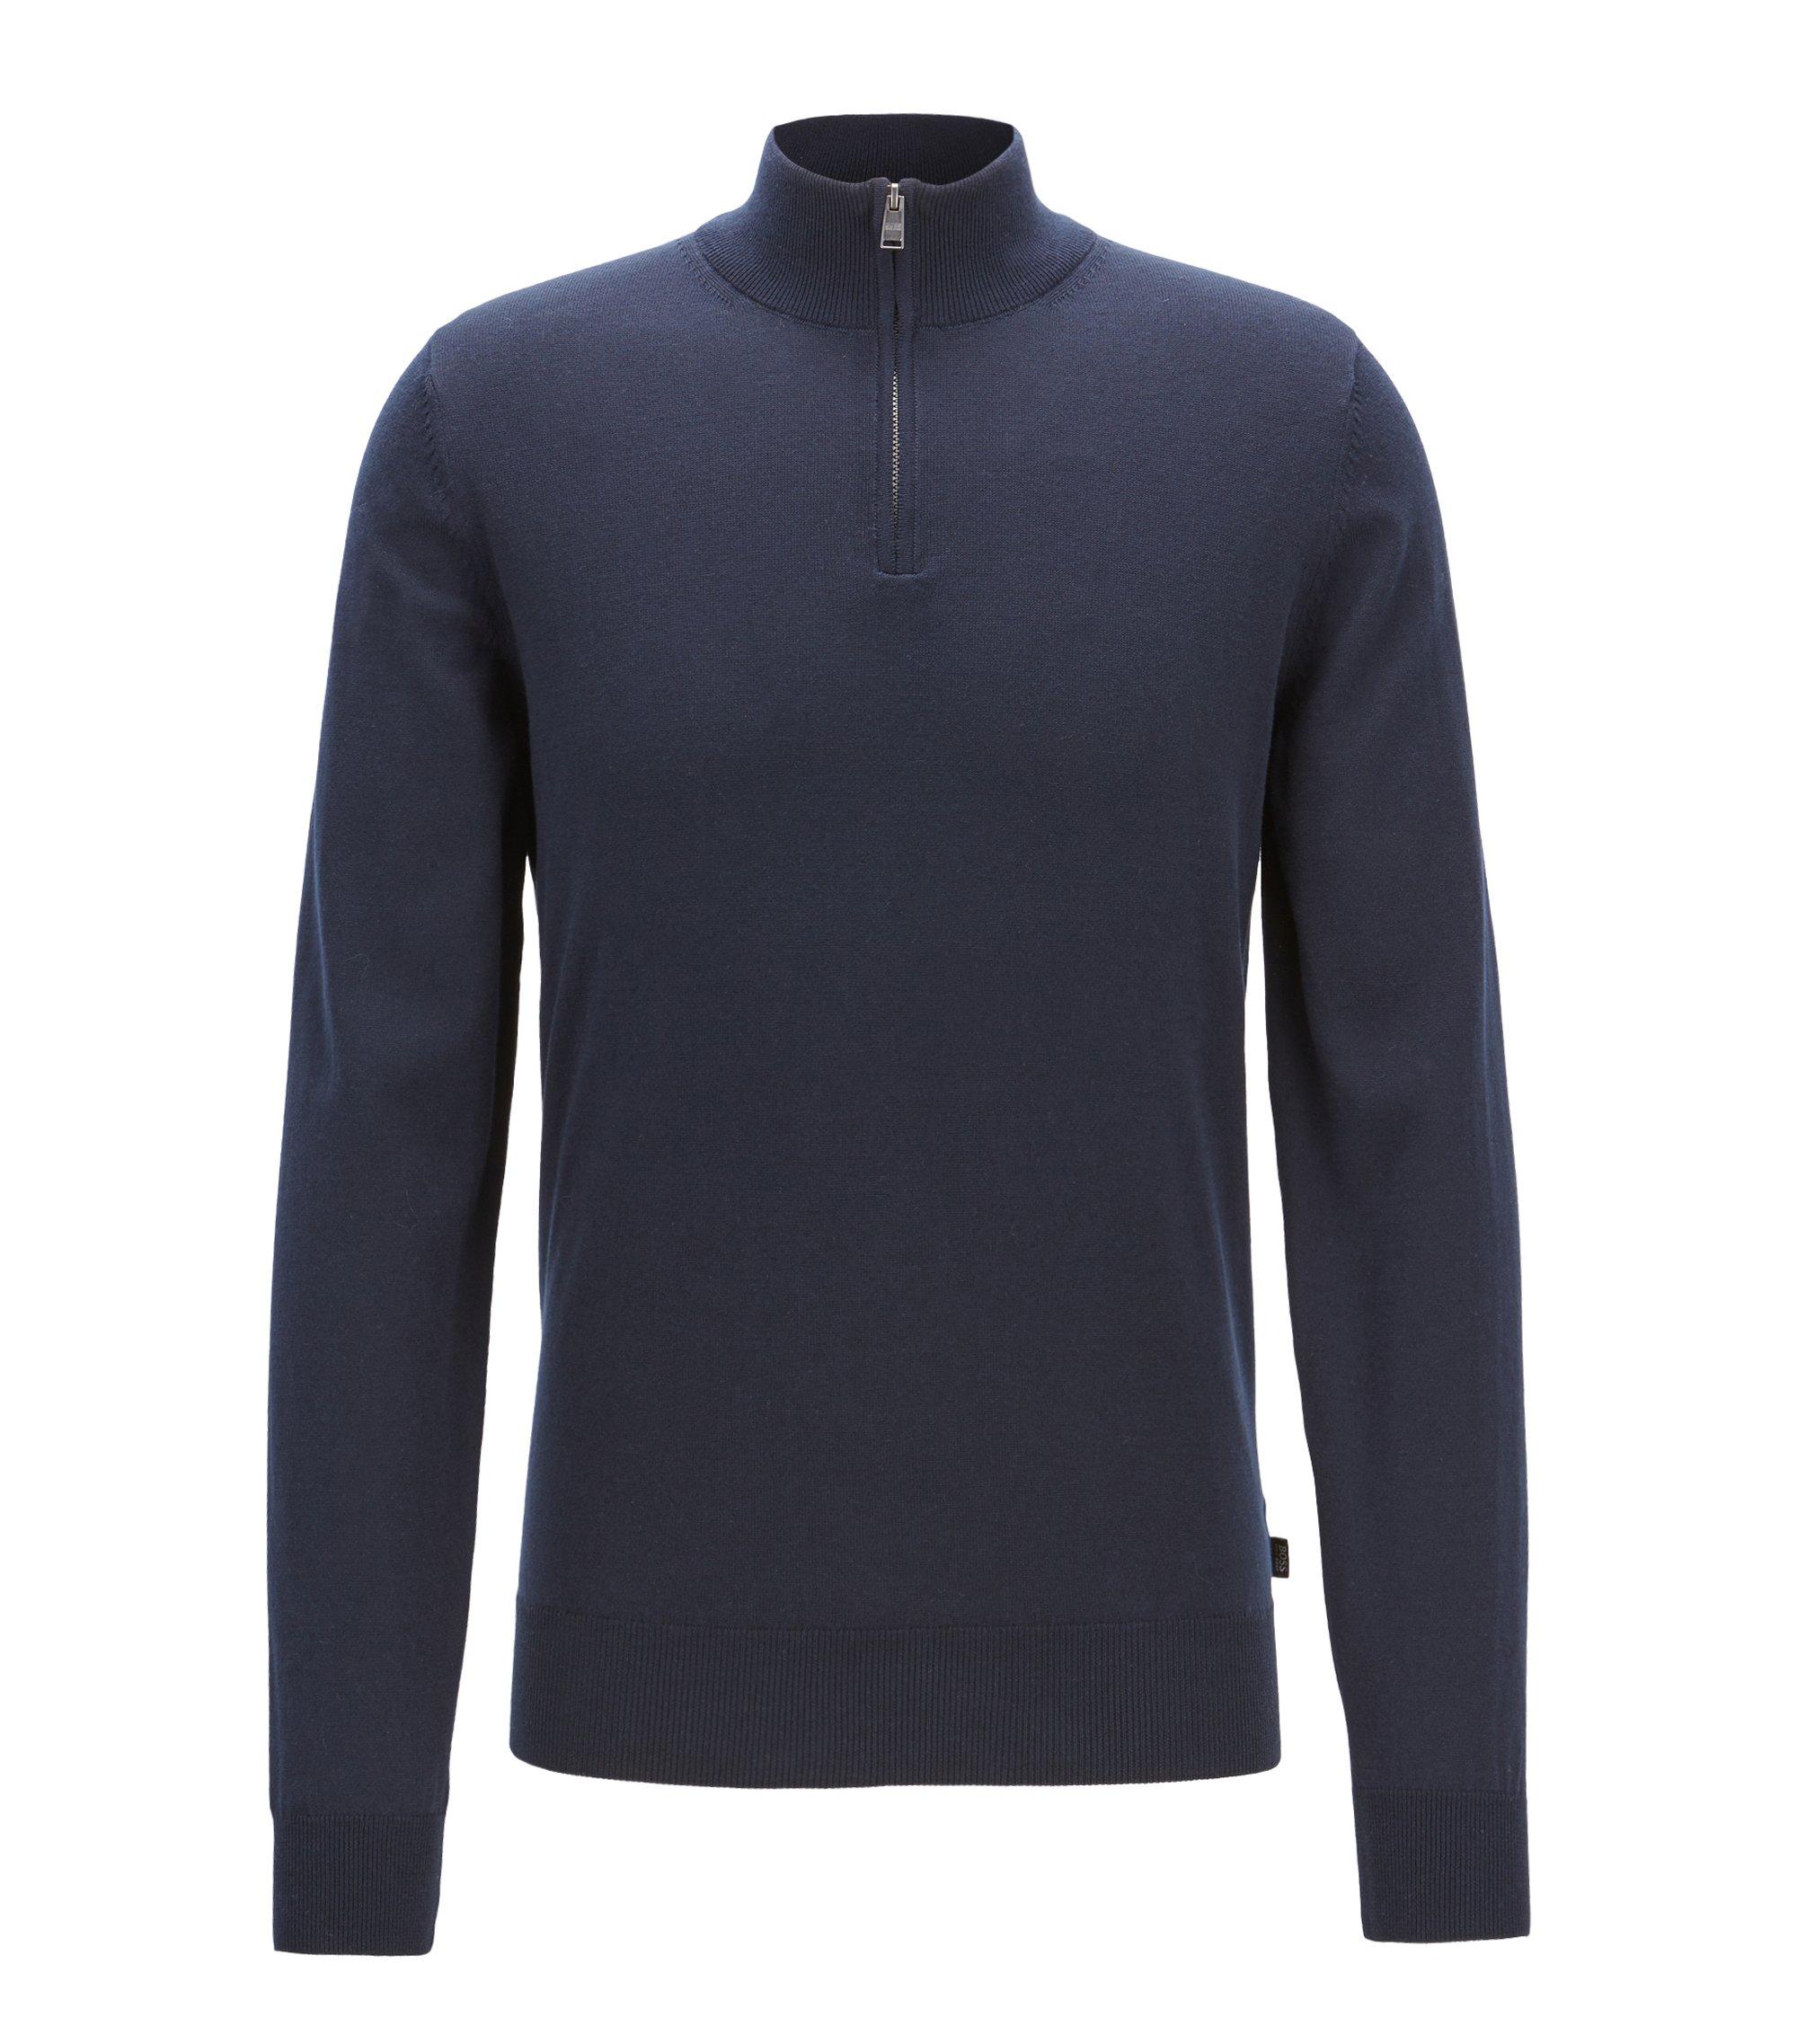 Trui van katoenen single-jersey met ritskraag, Donkerblauw